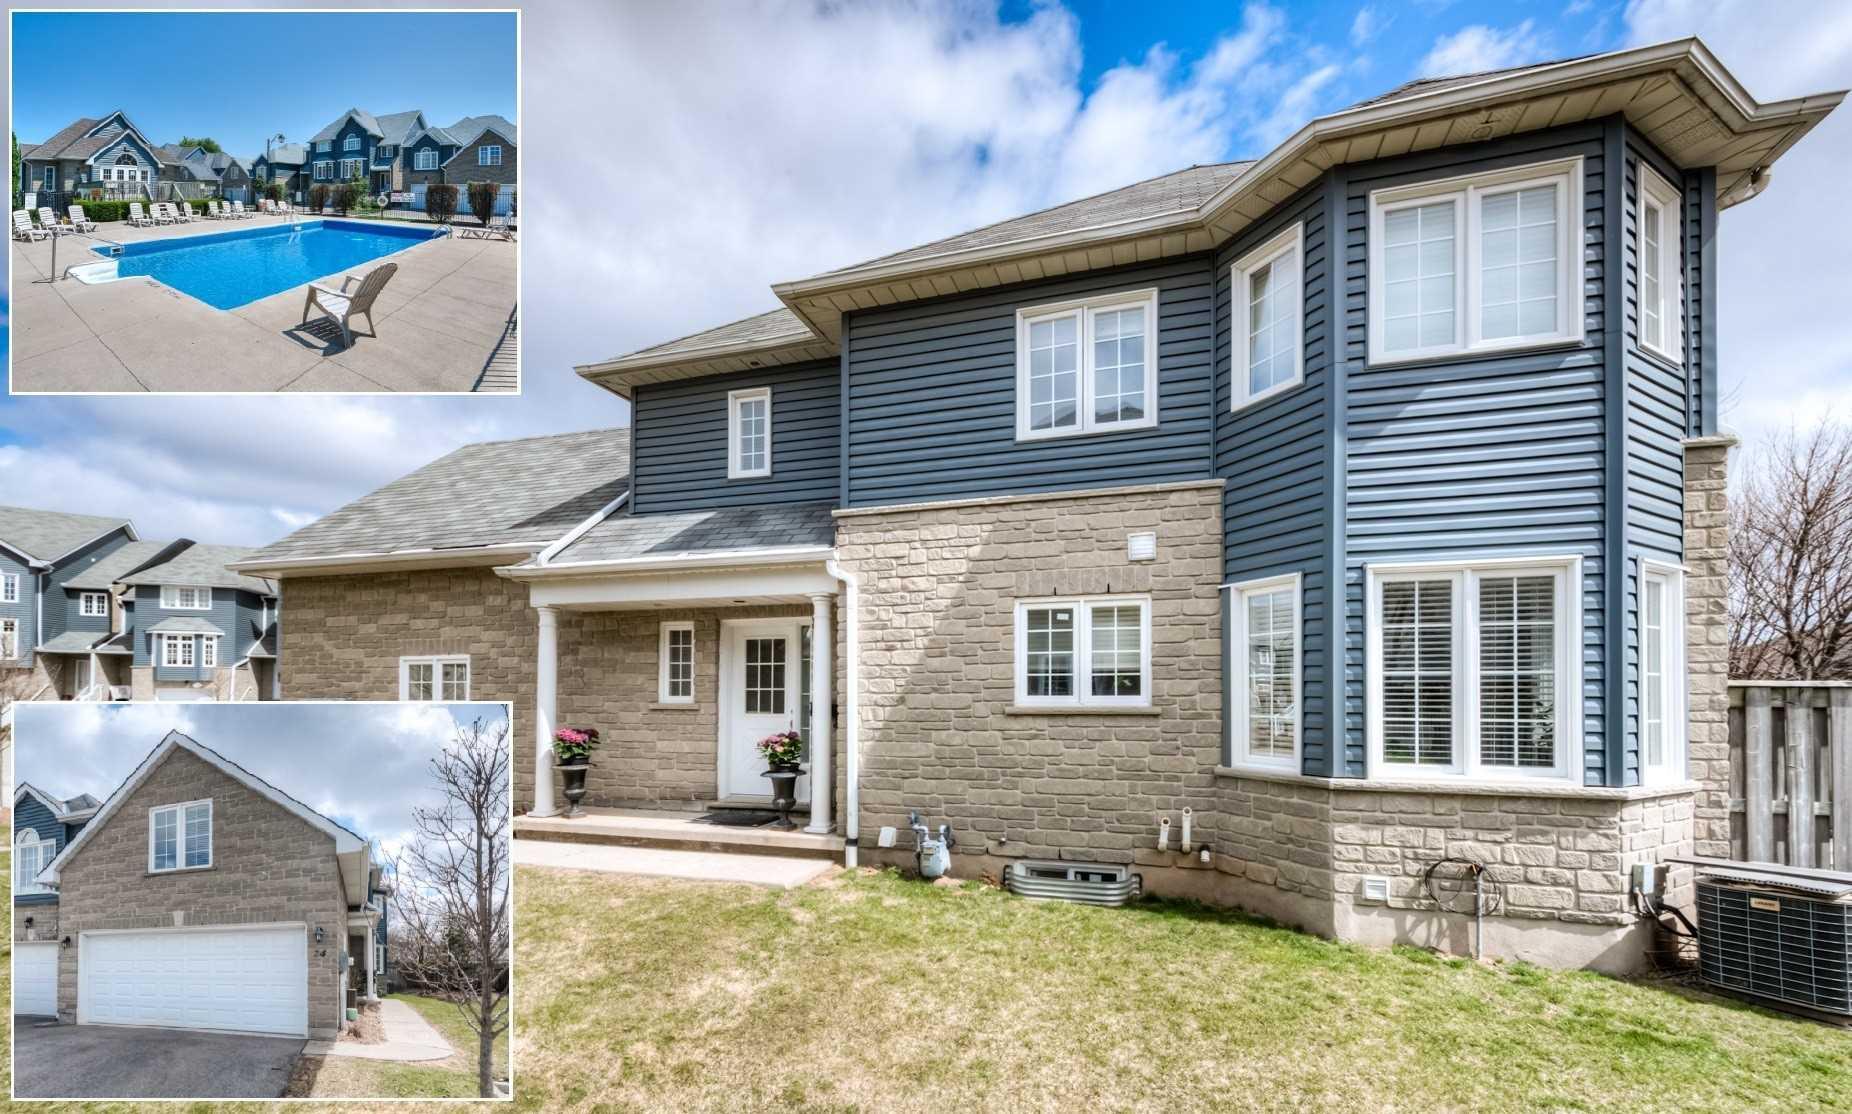 199 Saginaw Pkwy, Cambridge, Ontario N1T 1T9, 3 Bedrooms Bedrooms, ,3 BathroomsBathrooms,Condo Townhouse,For Sale,Saginaw,X5180631